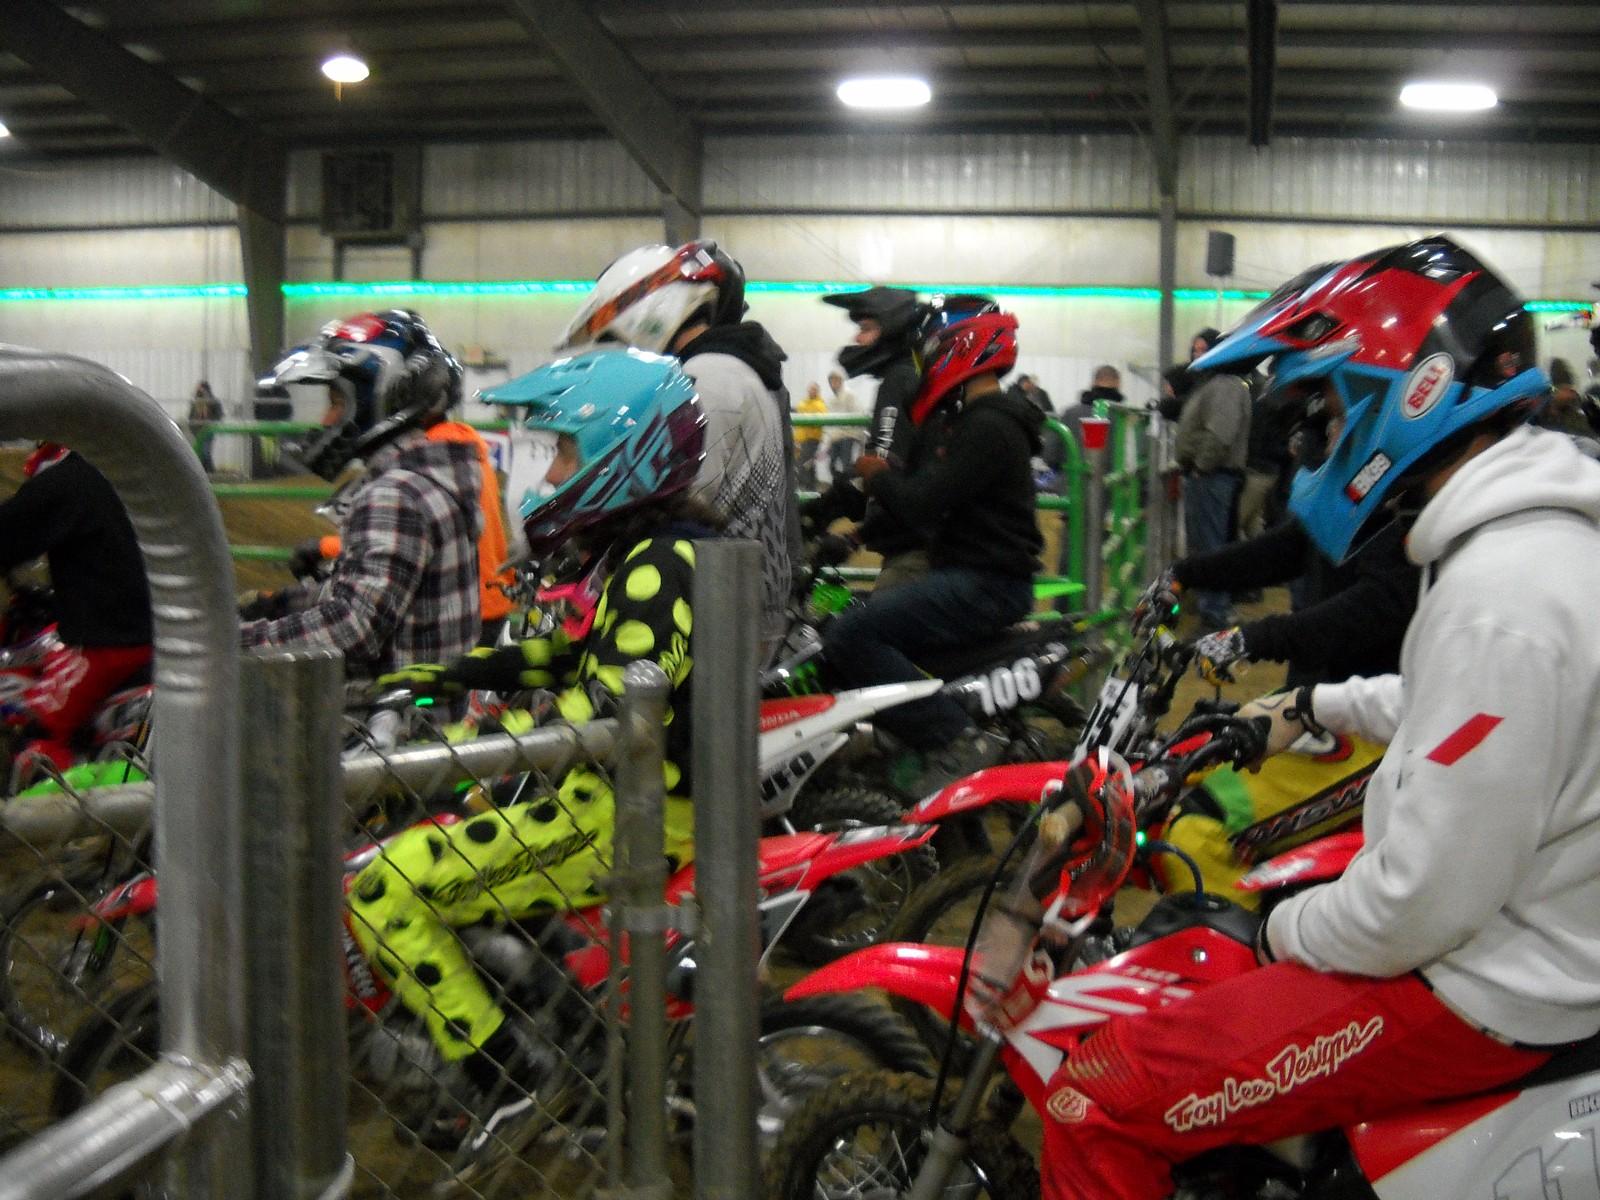 DSCN0009 - motoclown - Motocross Pictures - Vital MX